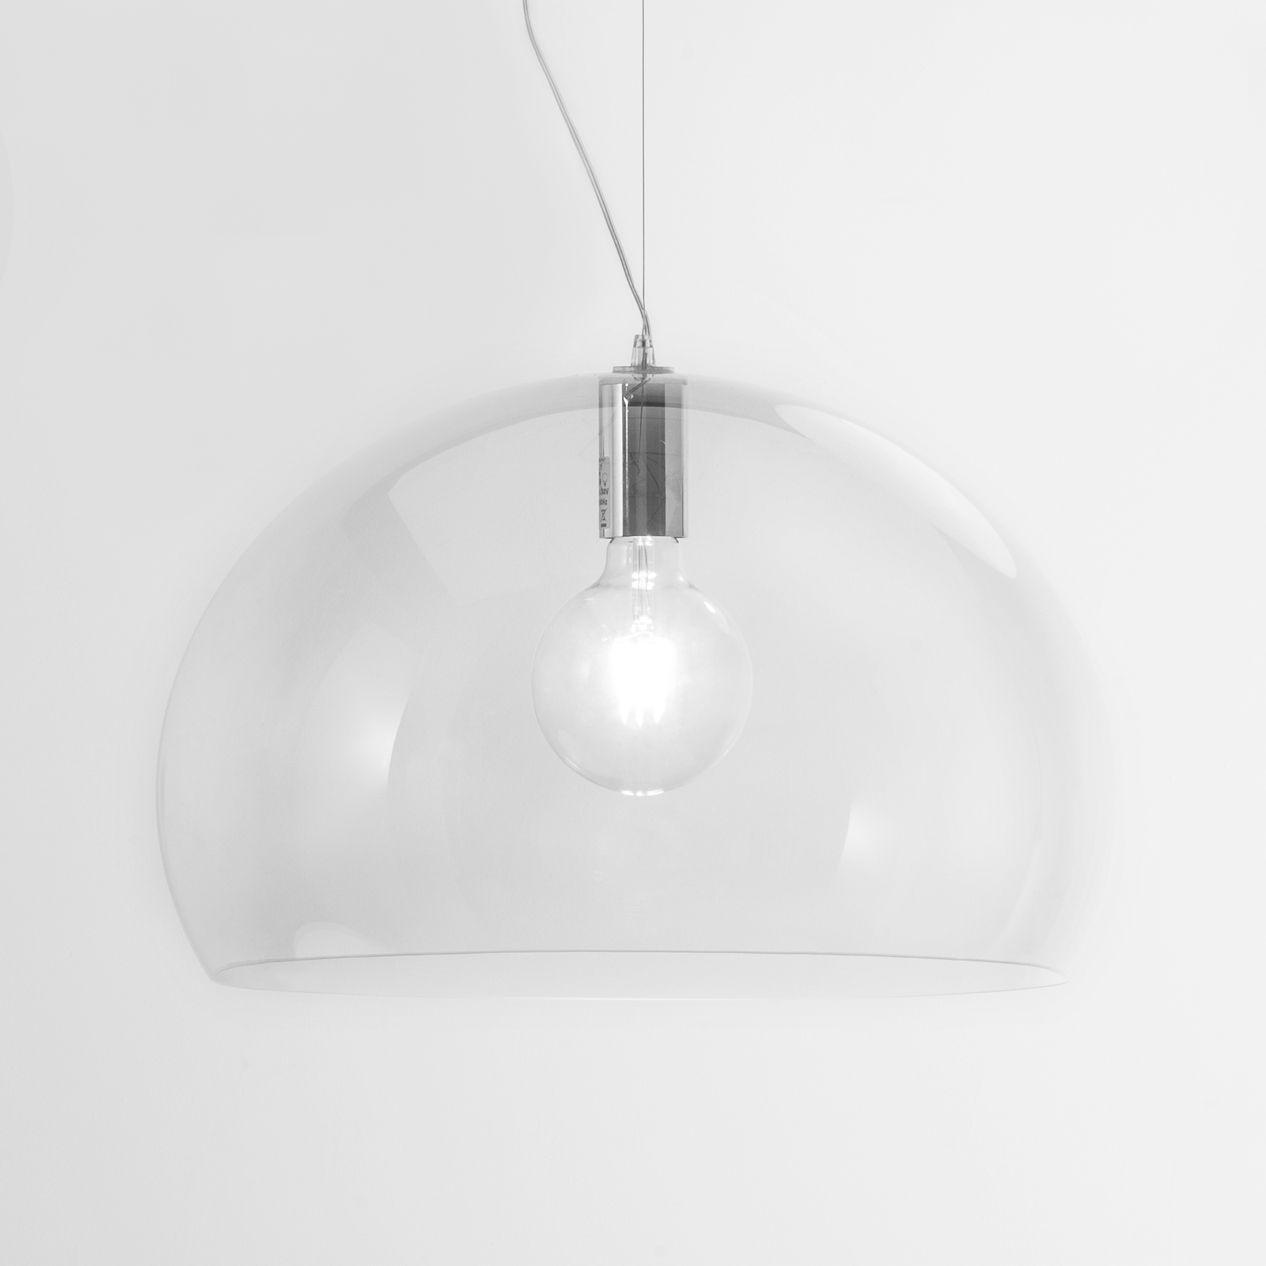 Hängelampe FL / Y Klein - Ø 38 cm Transparent Kartell Ferruccio Laviani 1